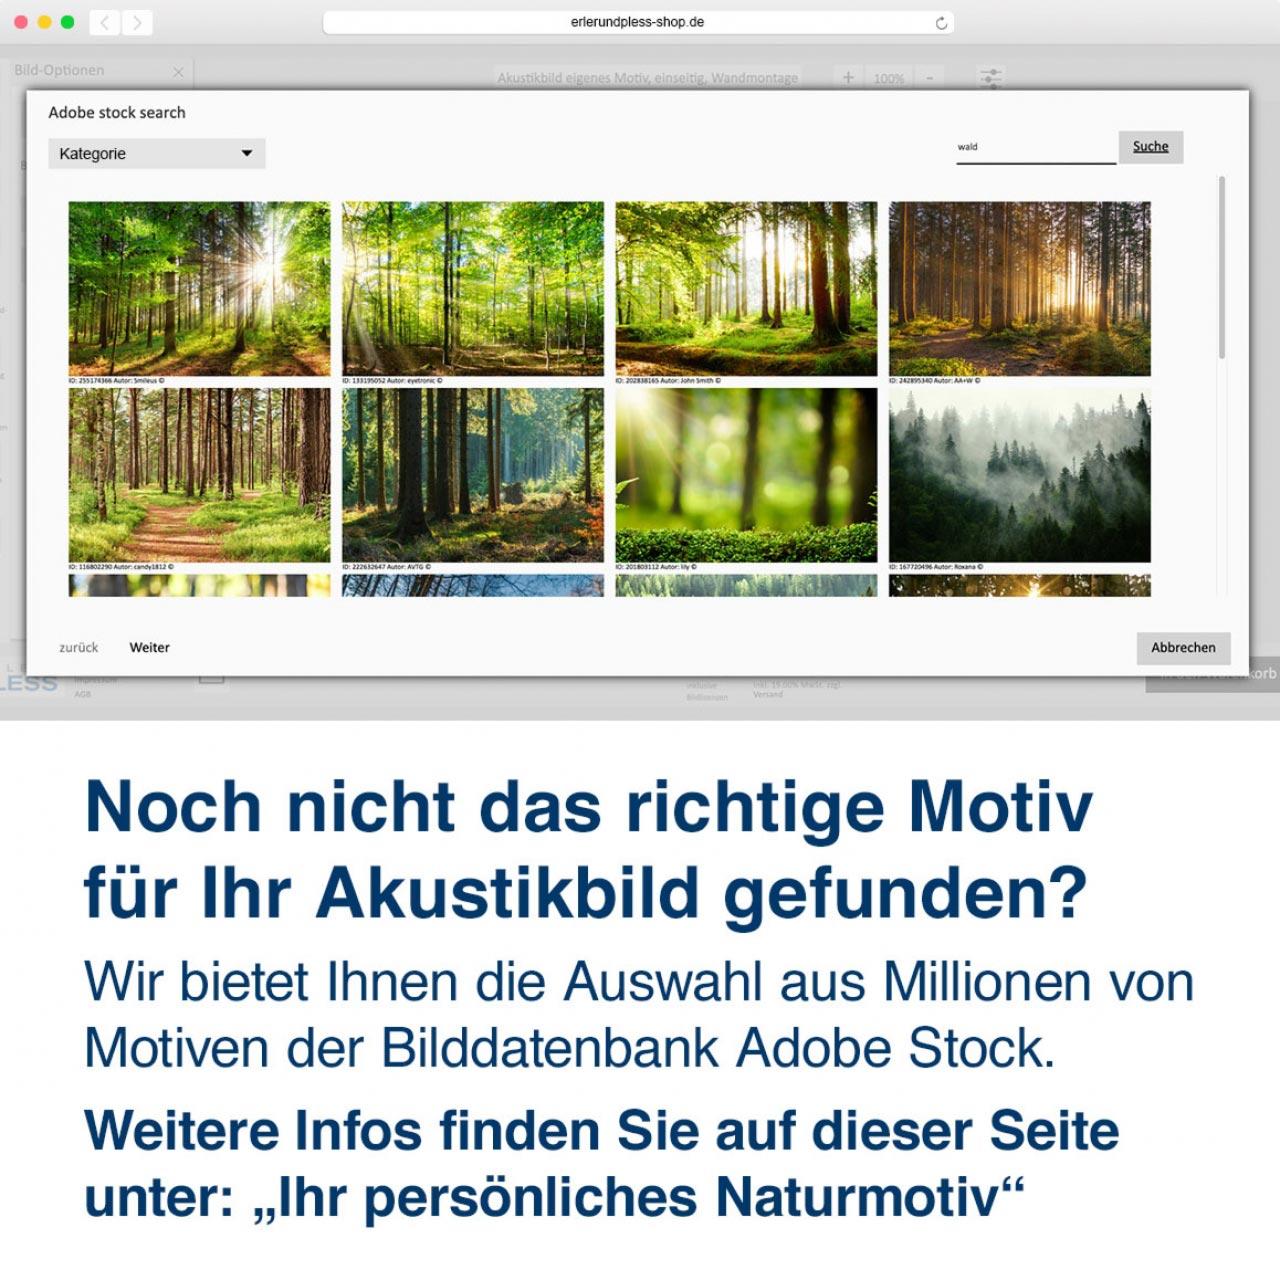 Noch nicht das richtige Motiv  für Ihr Akustikbild gefunden? Wir bietet Ihnen die Auswahl aus Millionen von Motiven der Bilddatenbank Adobe Stock.